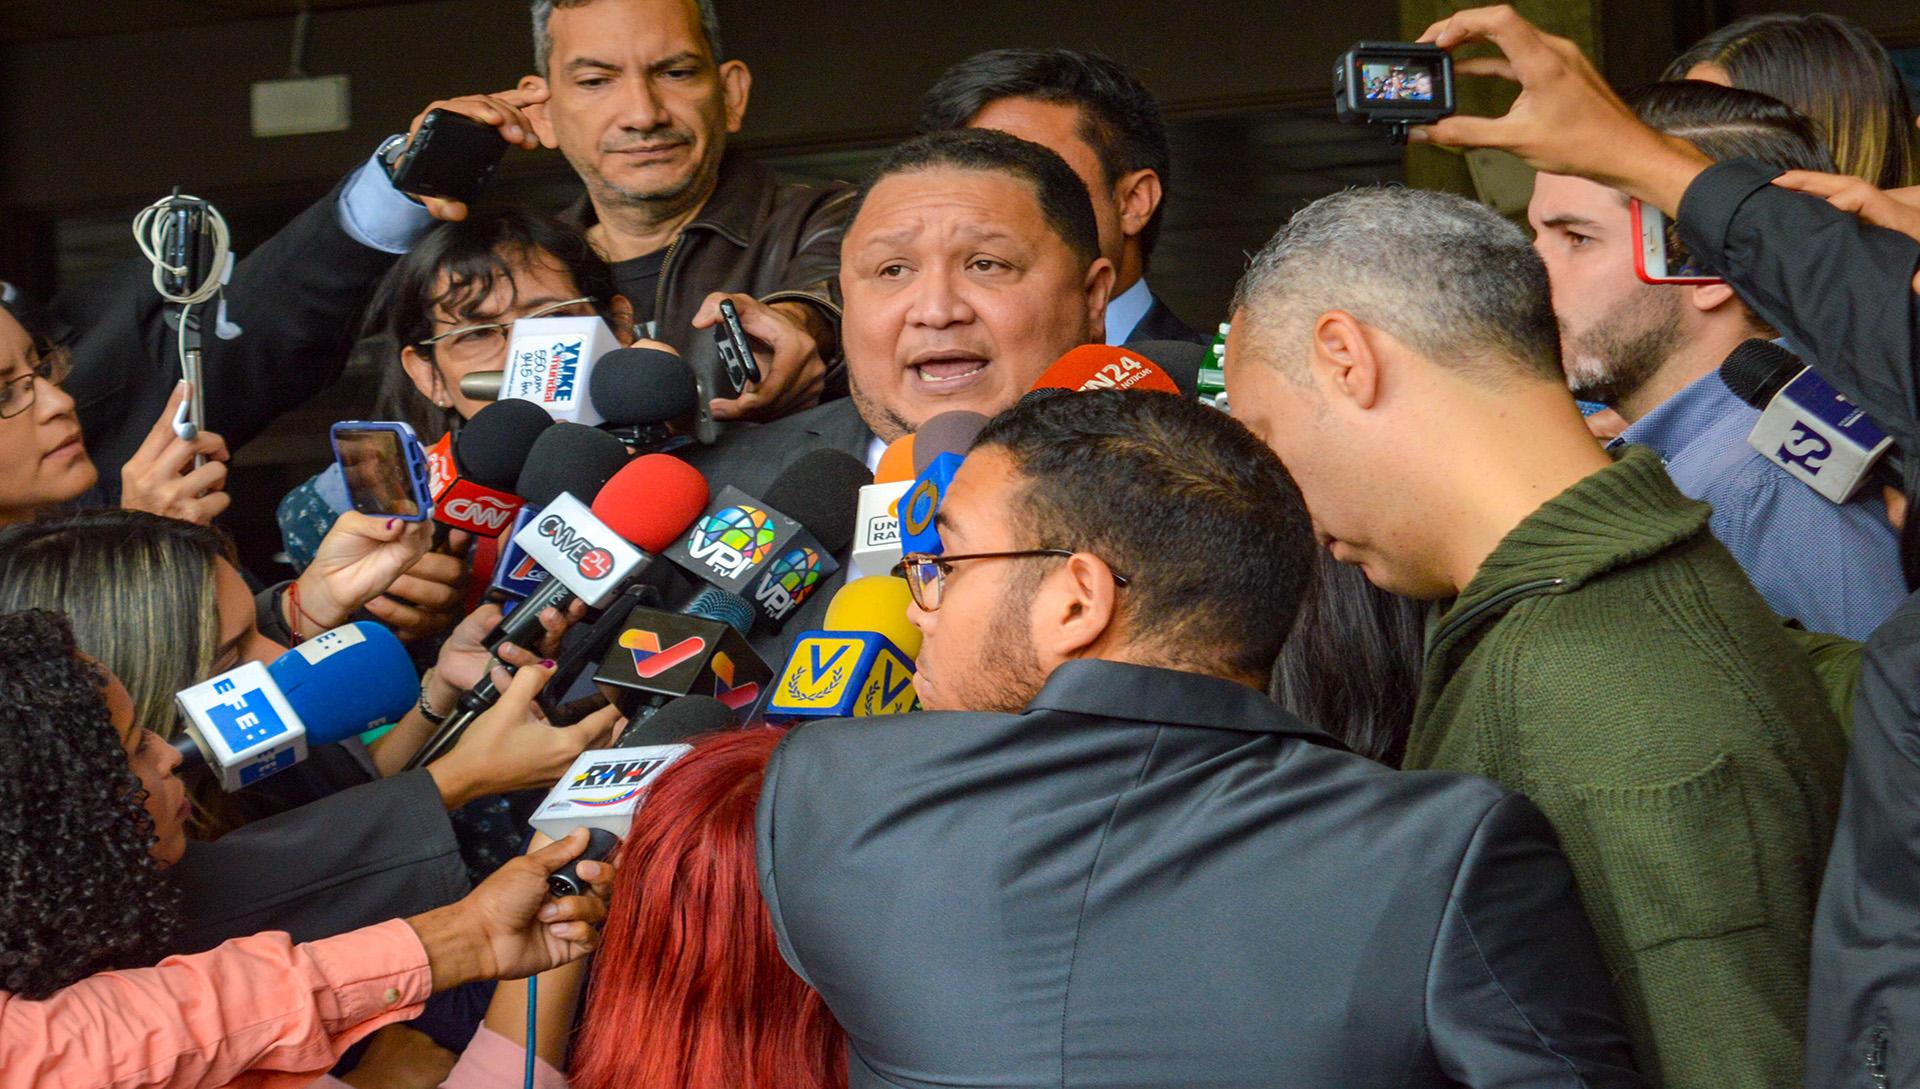 José Brito, Conrado Pérez y Luis Parra empiezan la pelea por la directiva de Primero Justicia